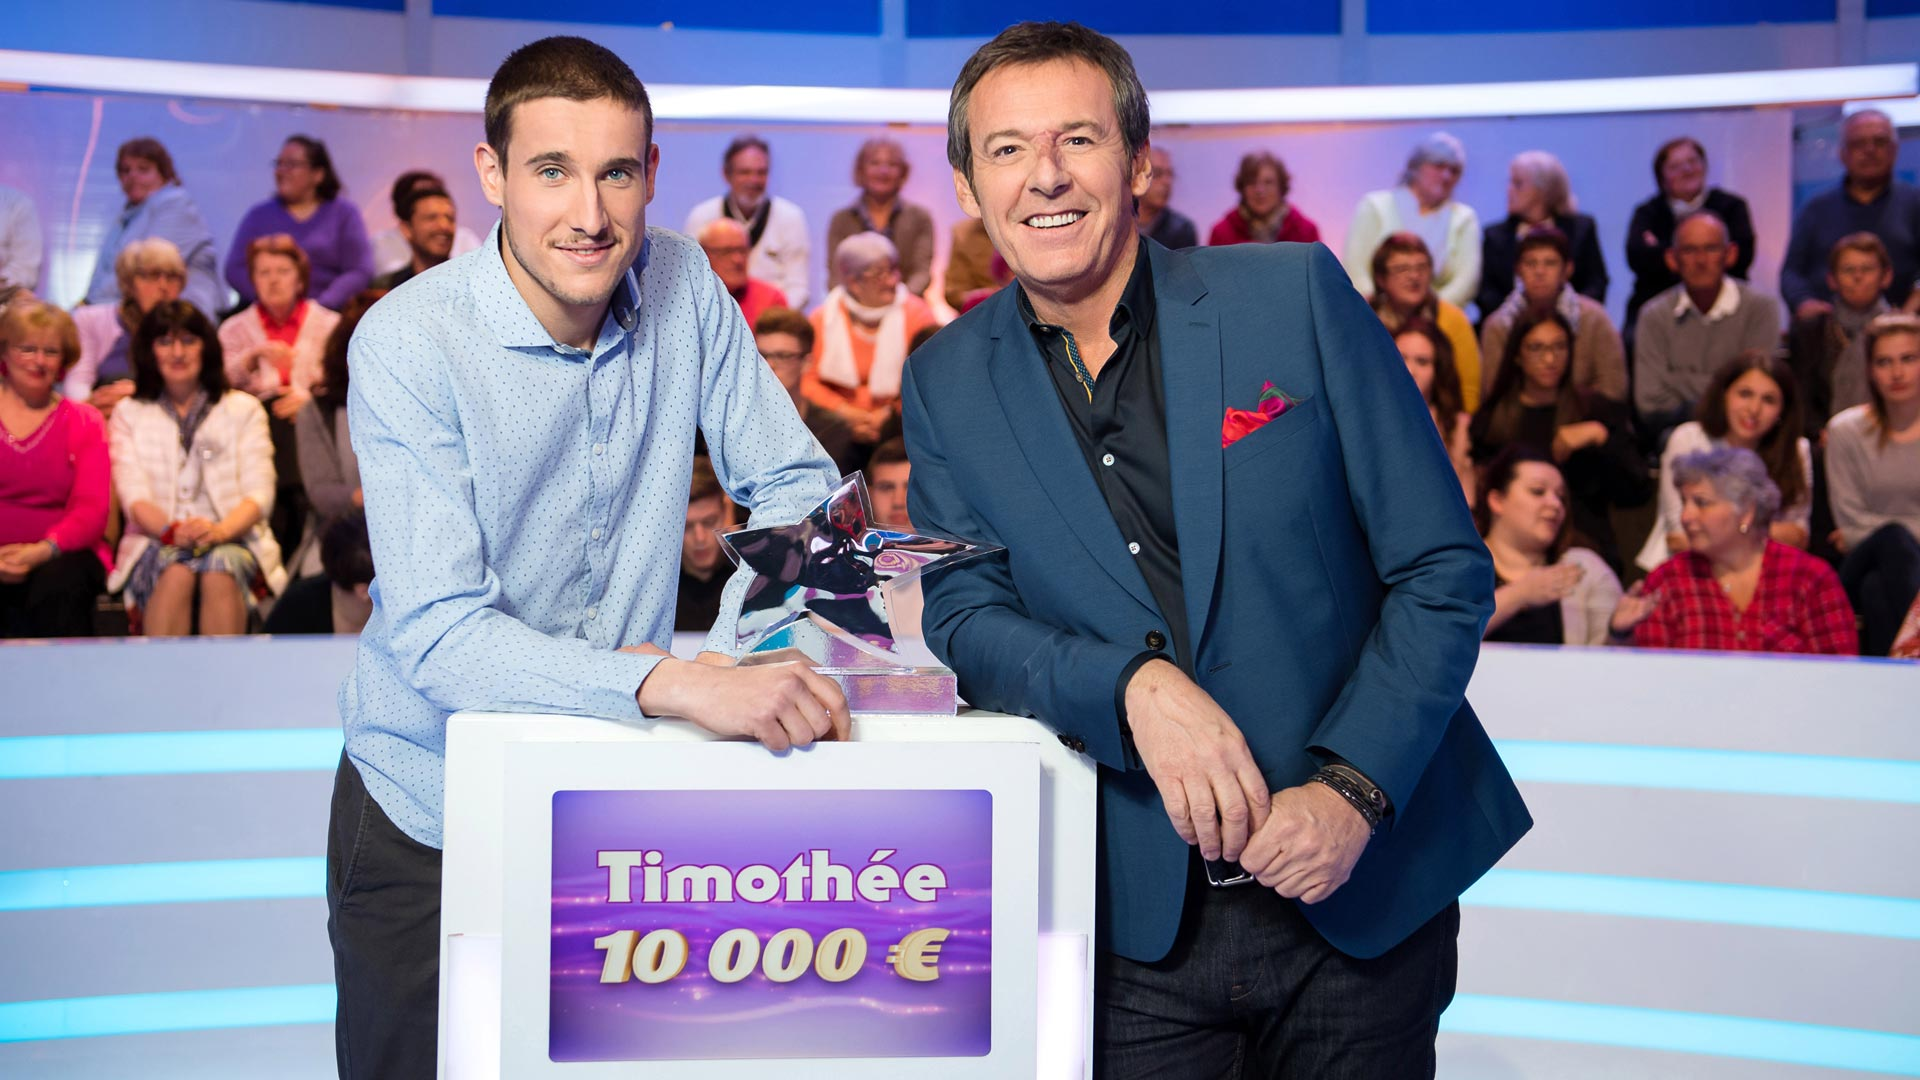 Assistez ou participez à l'émission les 12 coups de midi avec Jean-Luc Reichmann